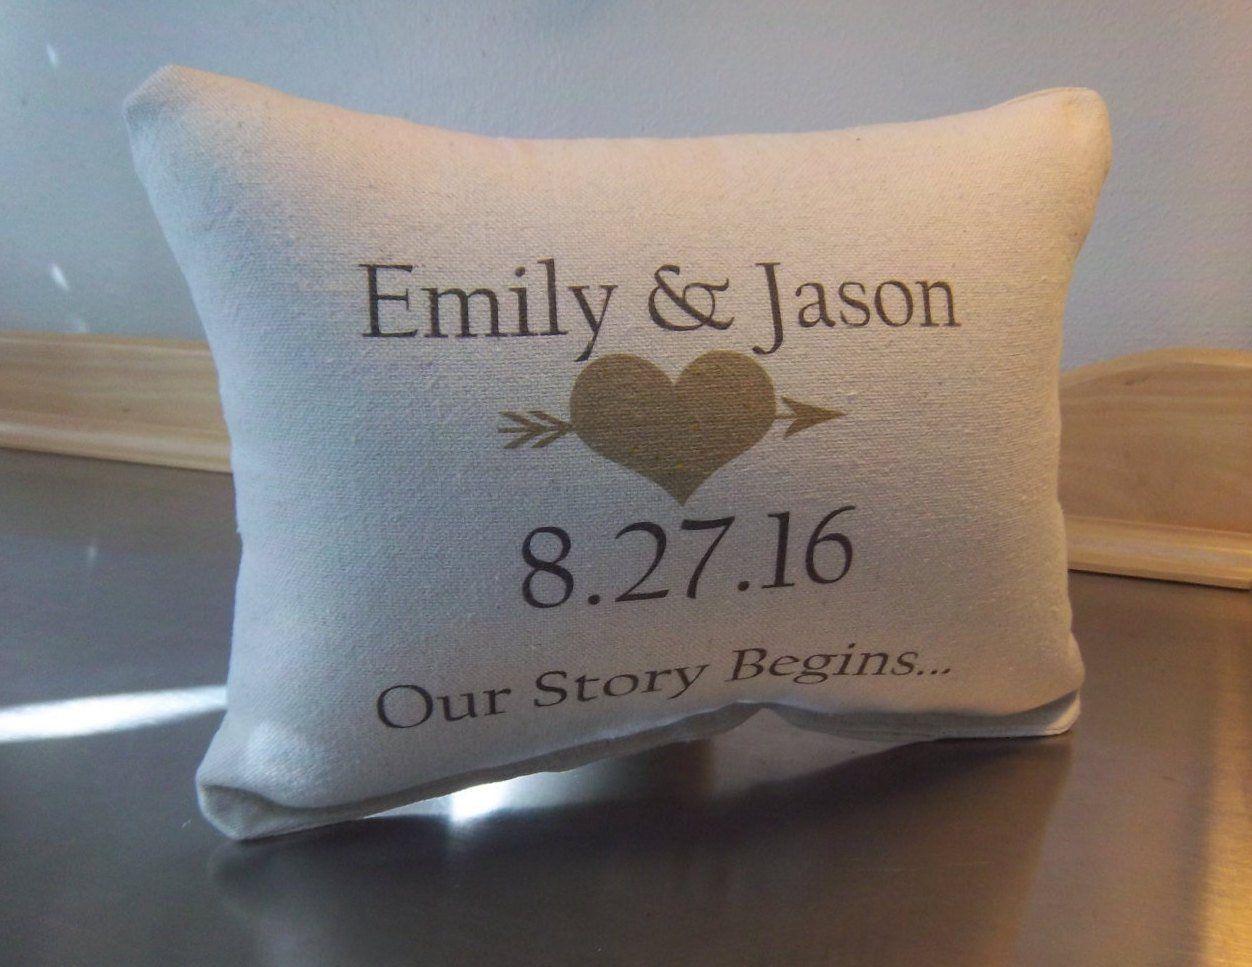 Newlywed Pillow Personalized Wedding Cushion Cotton Anniversary Fiance Gi Personalized Wedding Gifts Personalized Couple Gifts Personalized Engagement Gifts